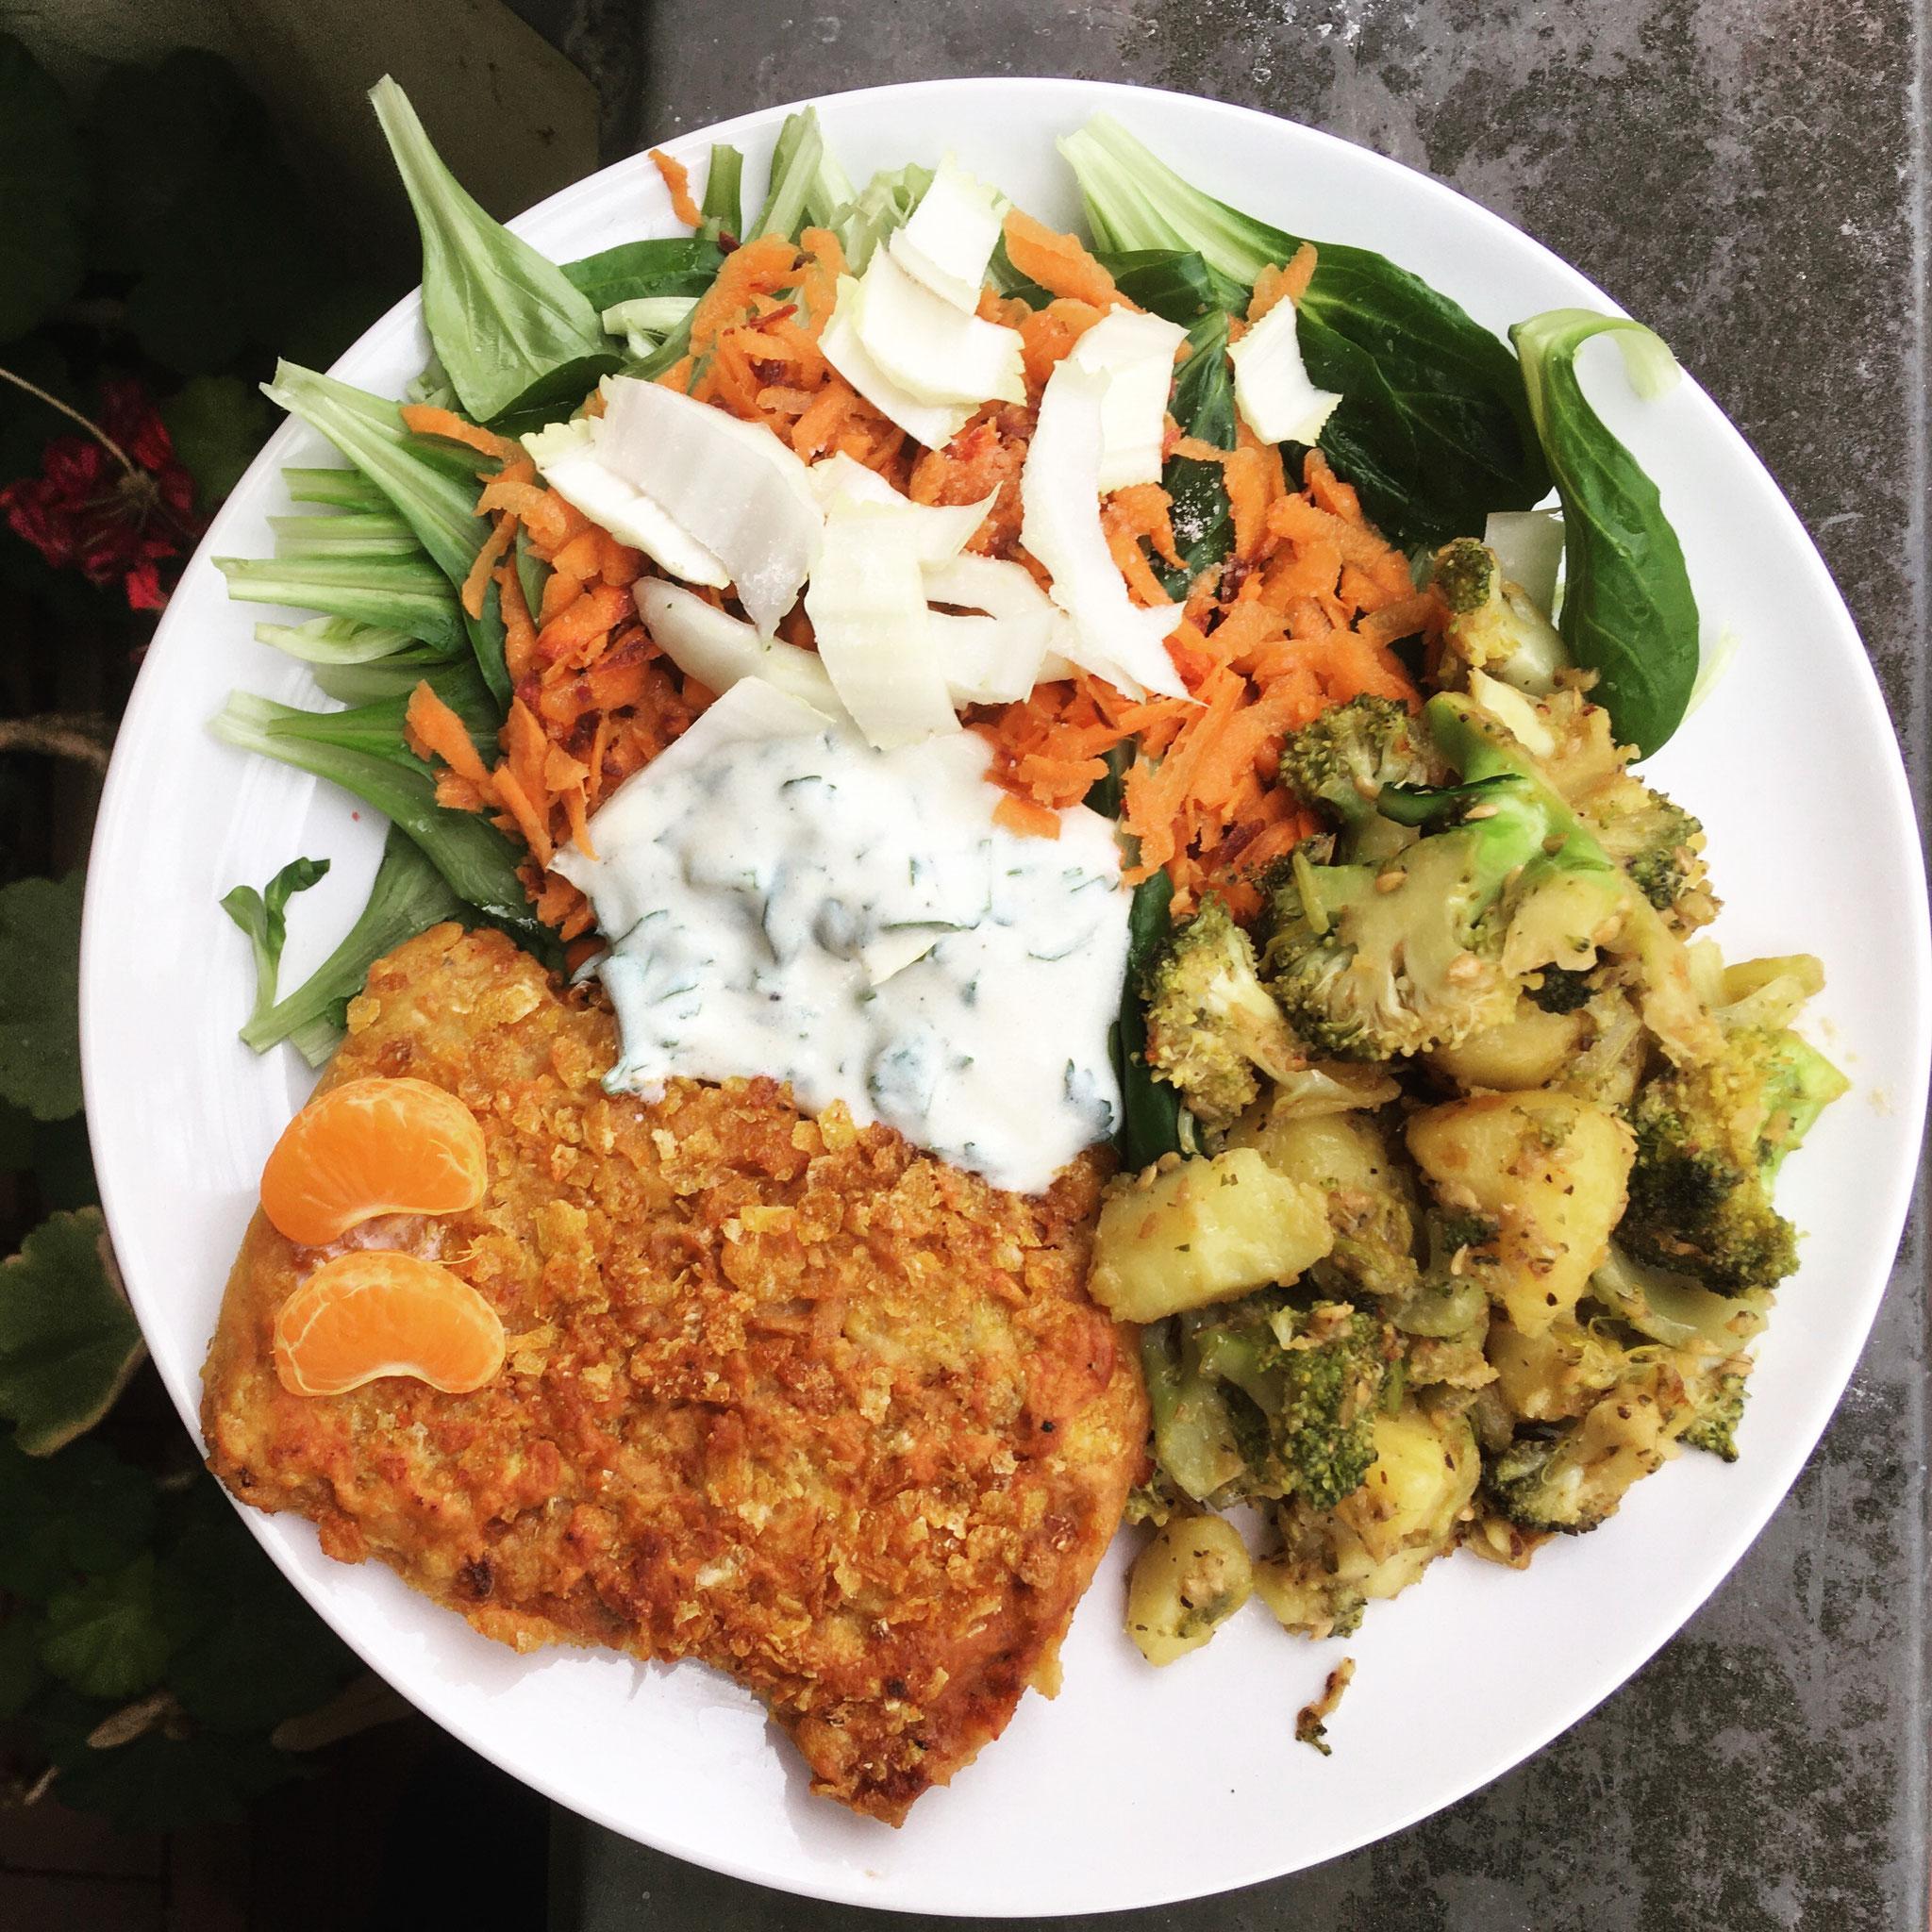 Soja-Schnitzel in Cornflakes-Pannade mit Brokkoli-Kartoffel-Pfanne, Salat & Soja-Yoghurt-Dip (Lunch & Dinner)